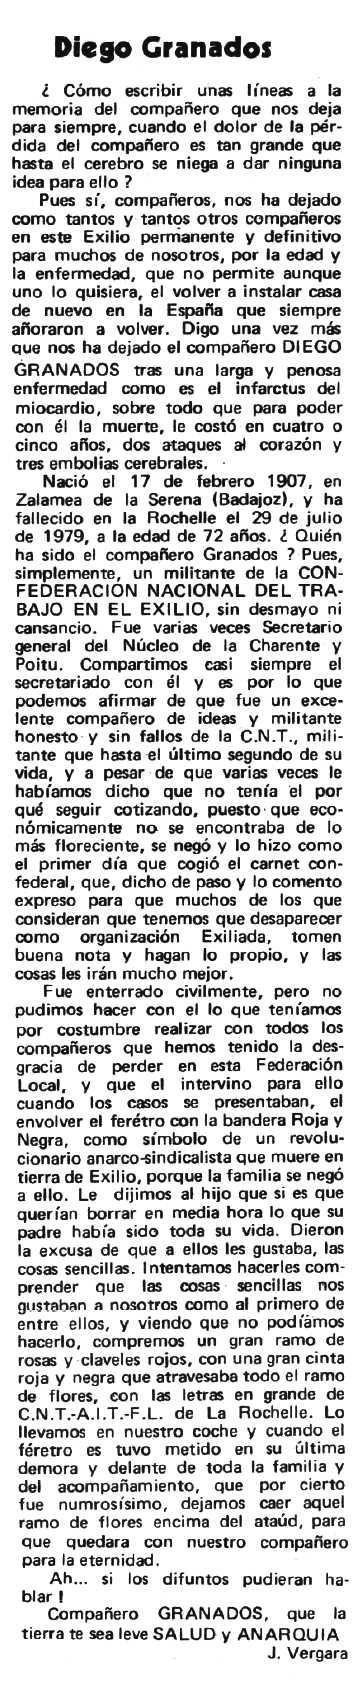 """Necrològica de Diego Julián Granados Triviño apareguda en el periòdic tolosà """"Espoir"""" del 23 de setembre de 1979"""